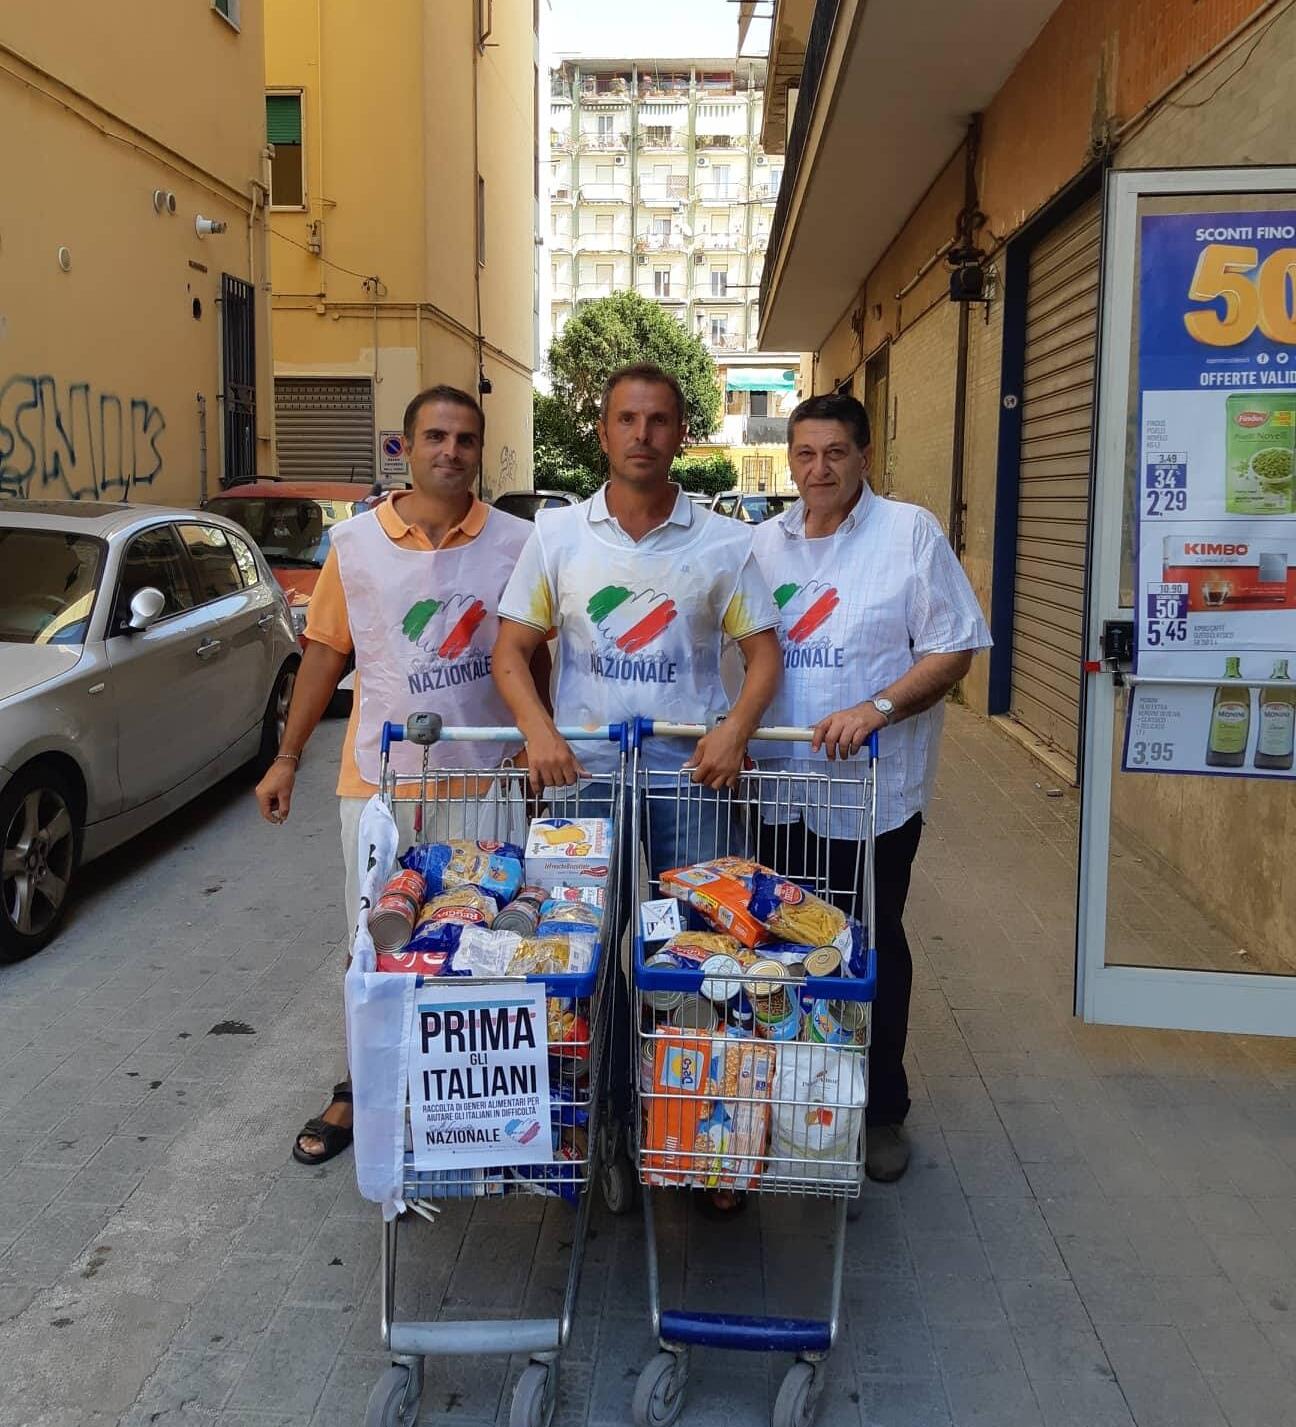 Solidarietà-Forza Nuova-Battipaglia-prima gli italiani